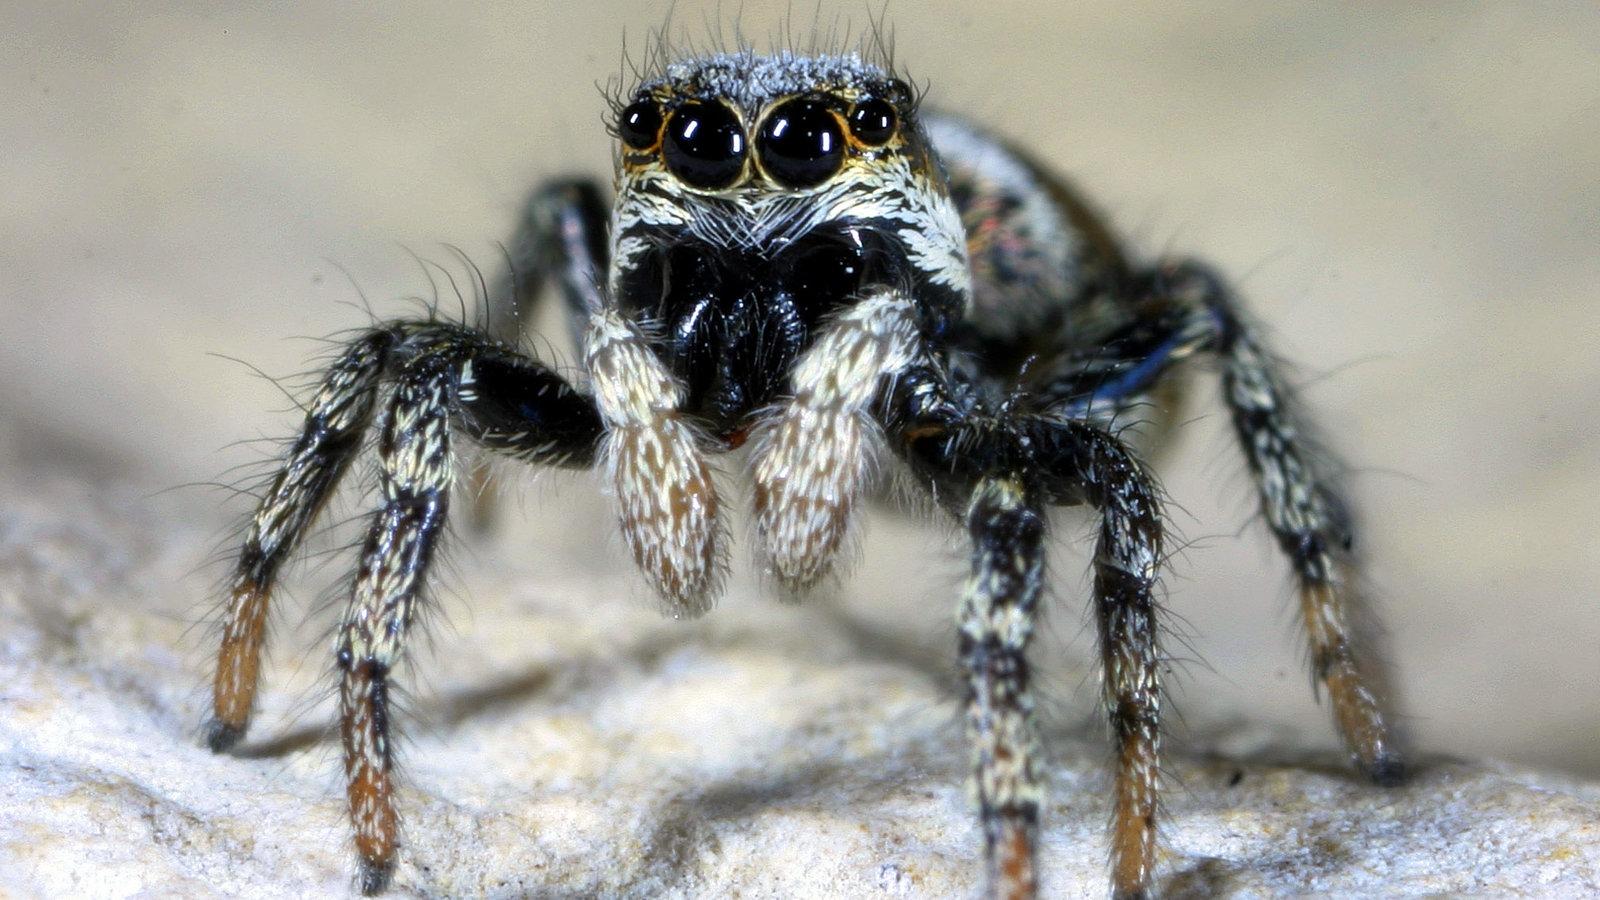 Spinnen Heimische Spinnenarten Spinnen Insekten und  : spinnen zebraspringspinne 100v gseagaleriexl from www.planet-wissen.de size 1600 x 900 jpeg 261kB